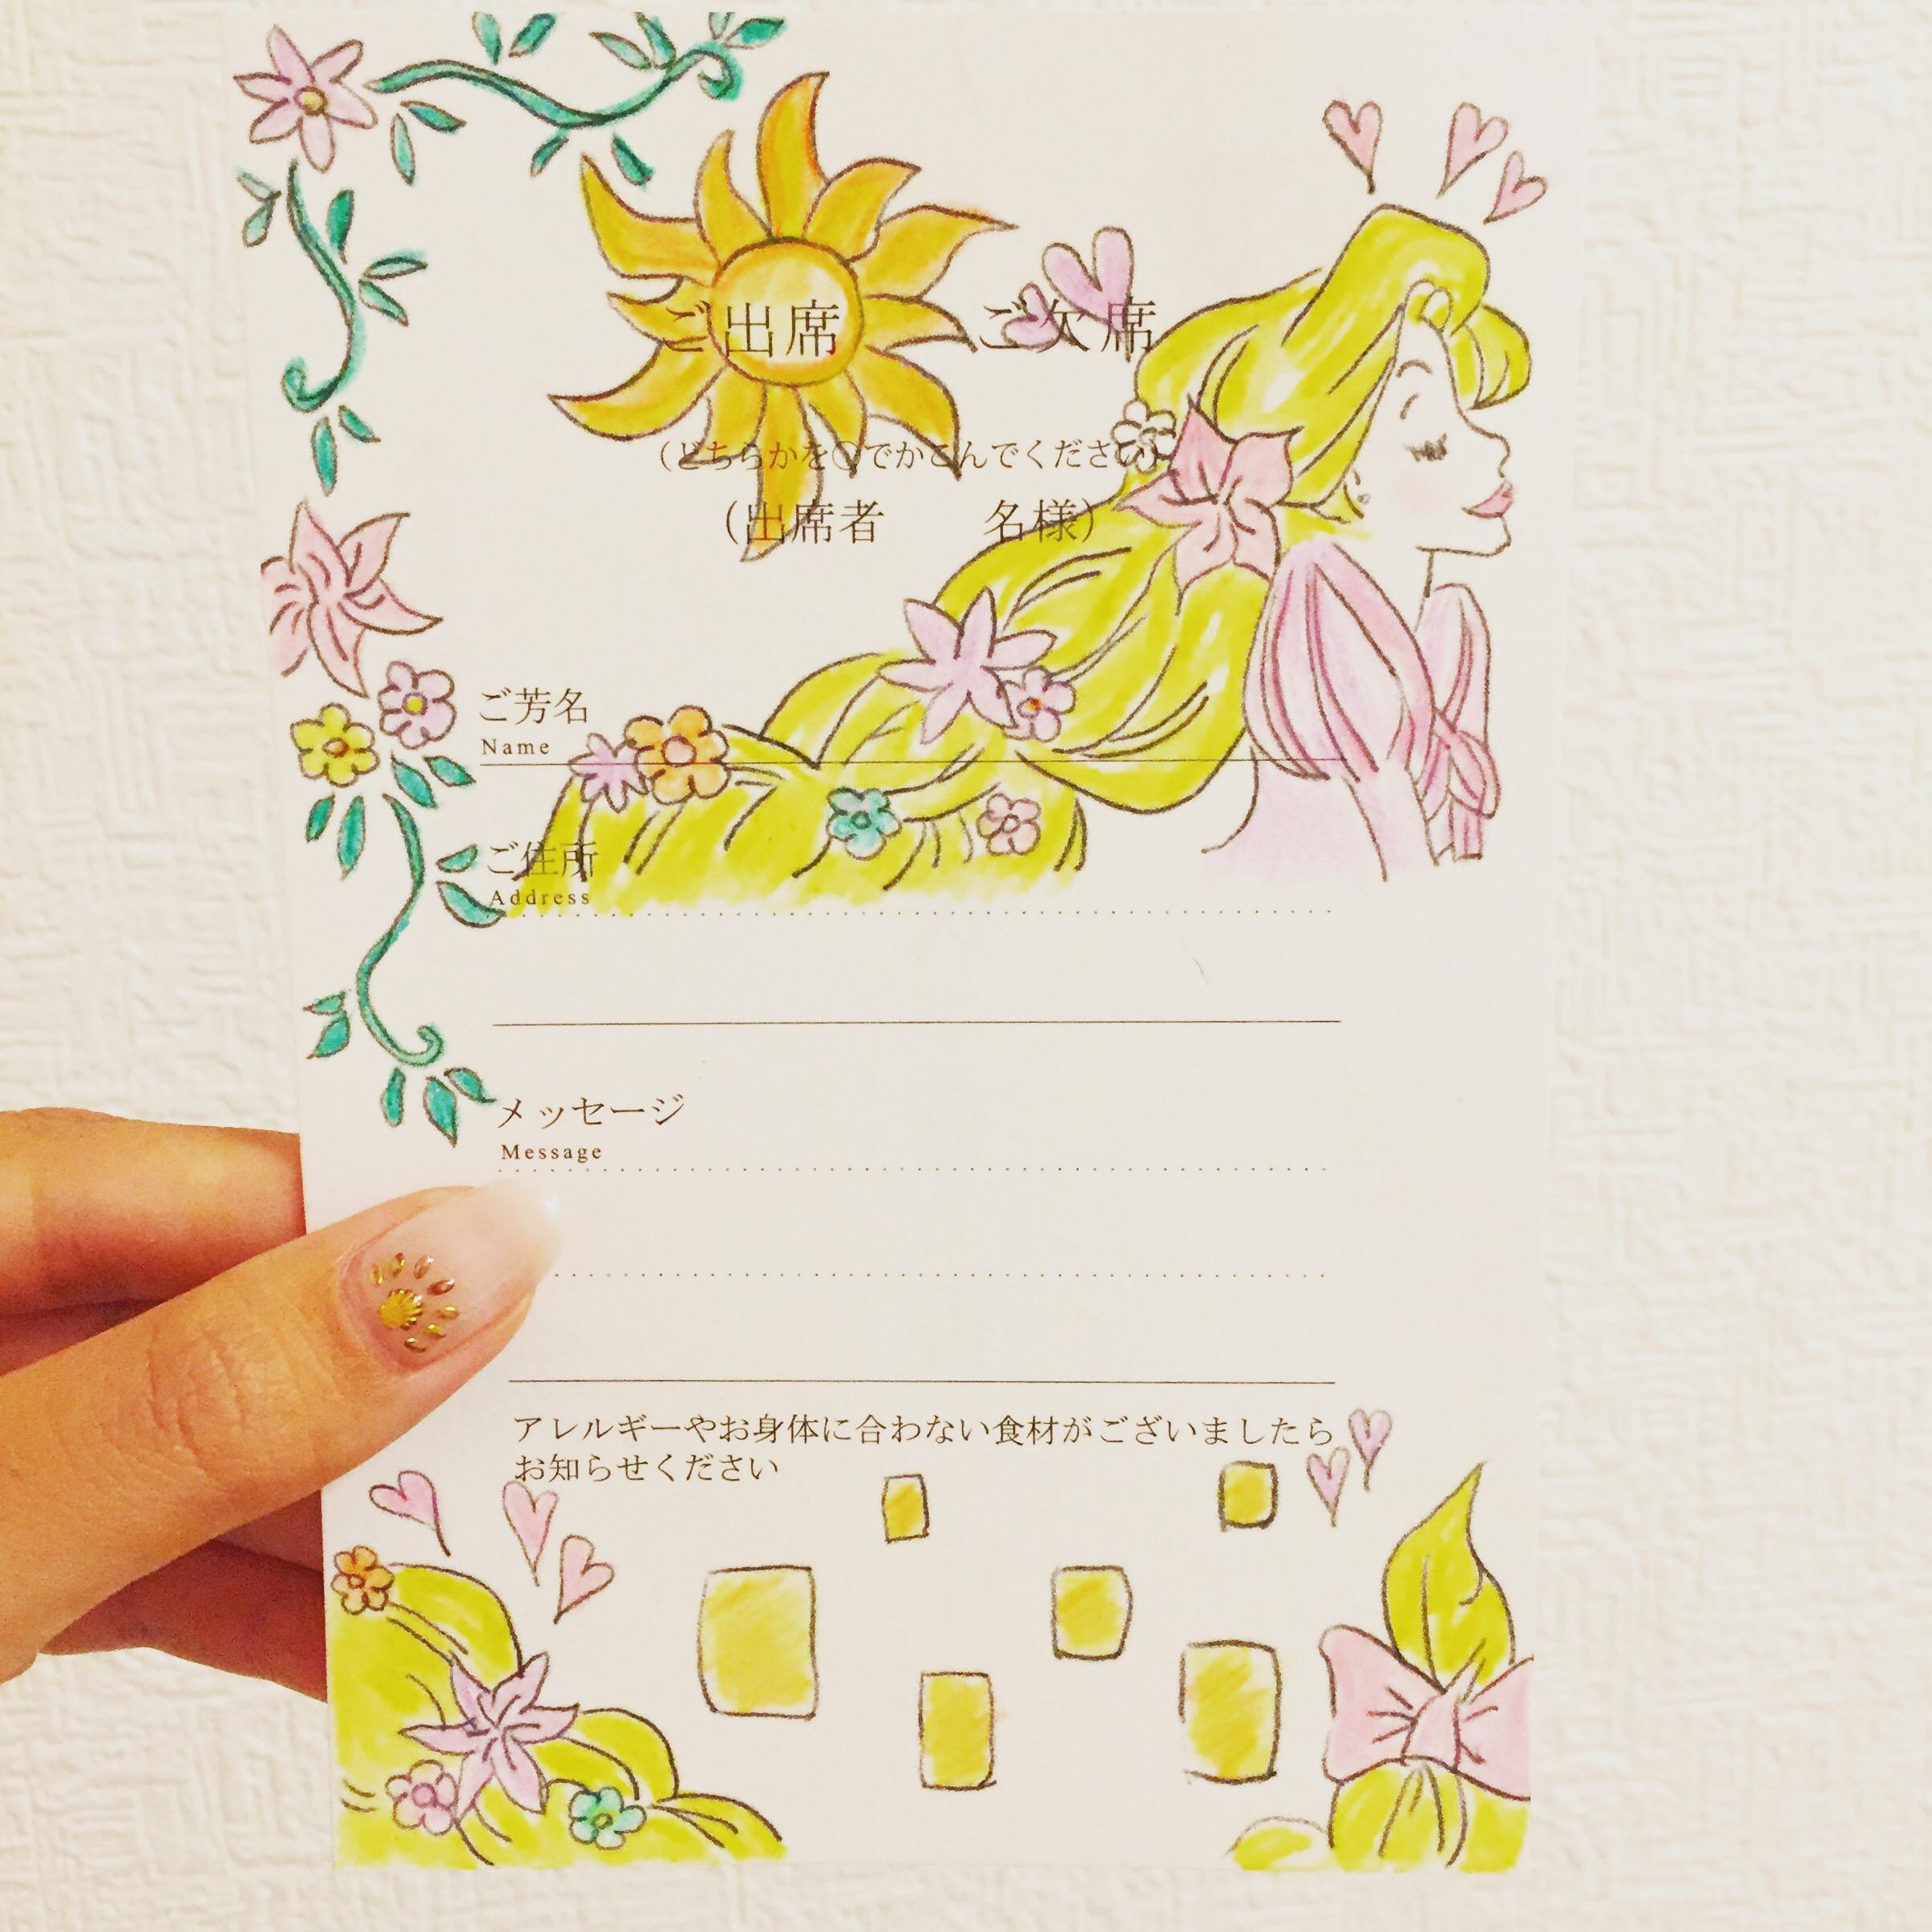 絵が下手な人向け!】簡単&かわいい!招待状返信アートの書き方